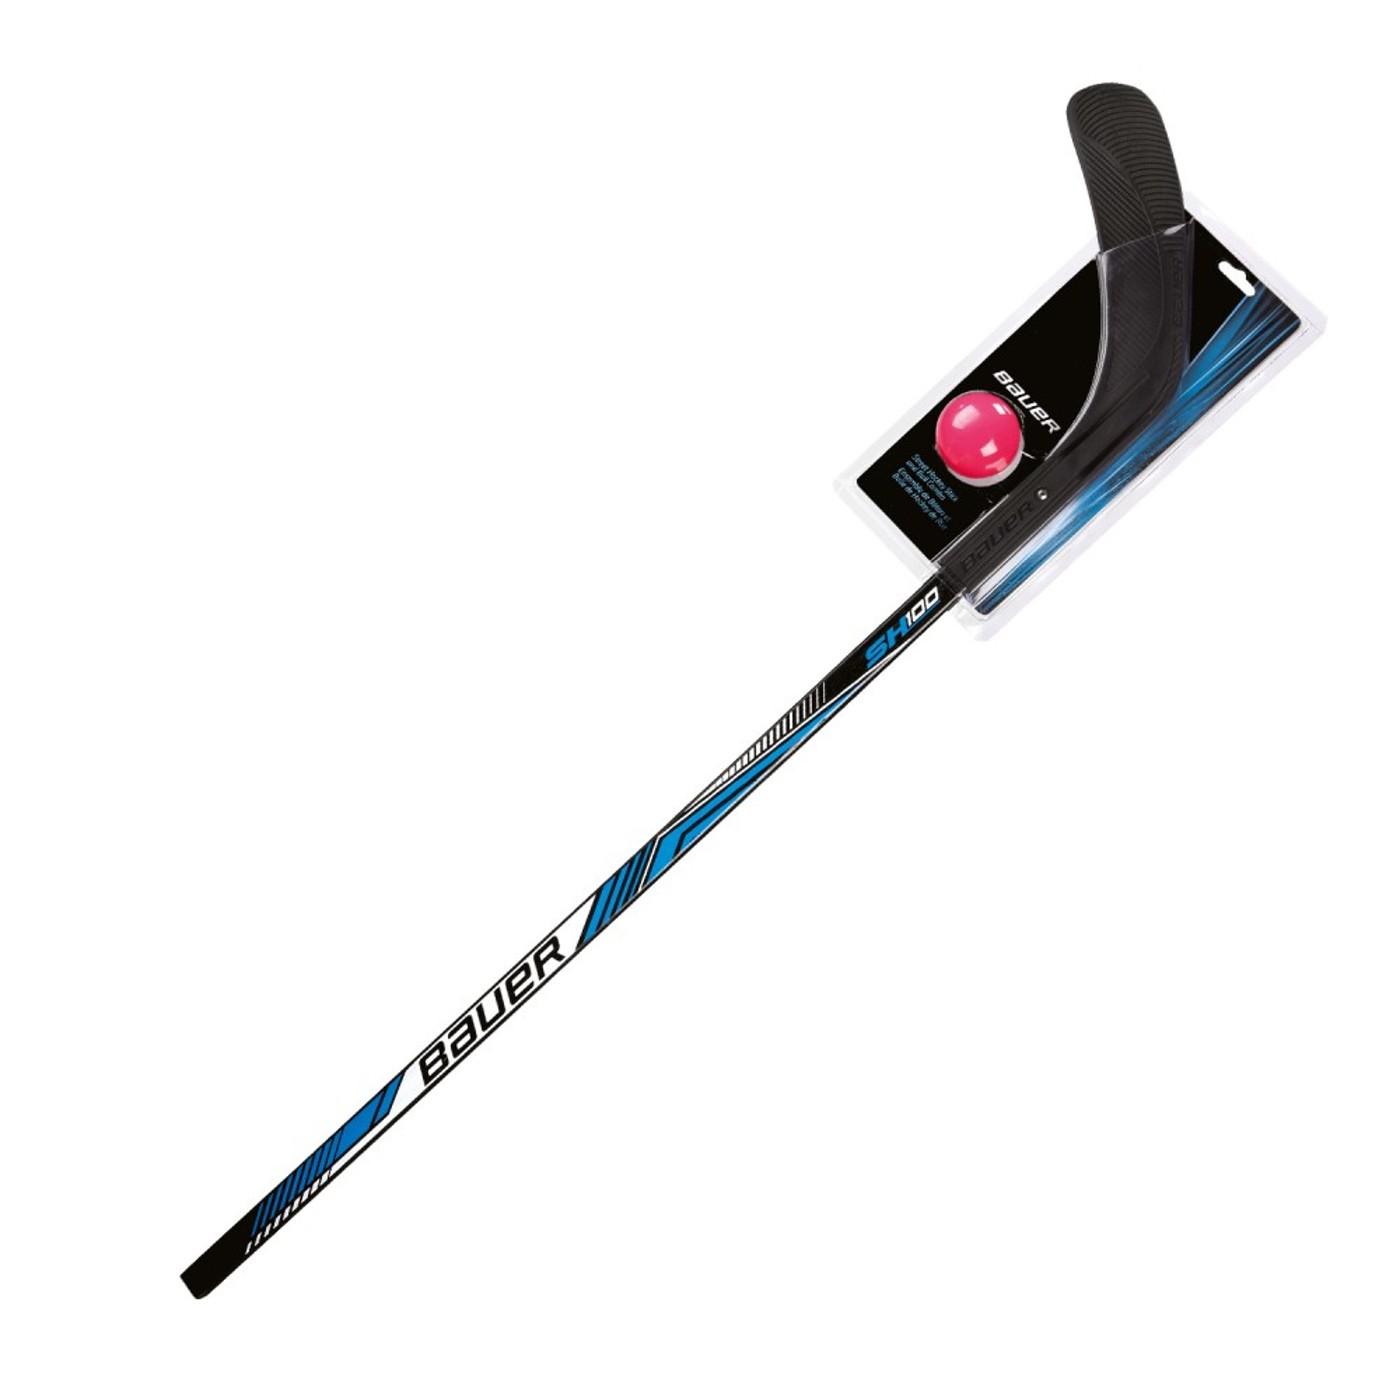 BAUER Streethockey Schläger + Ball